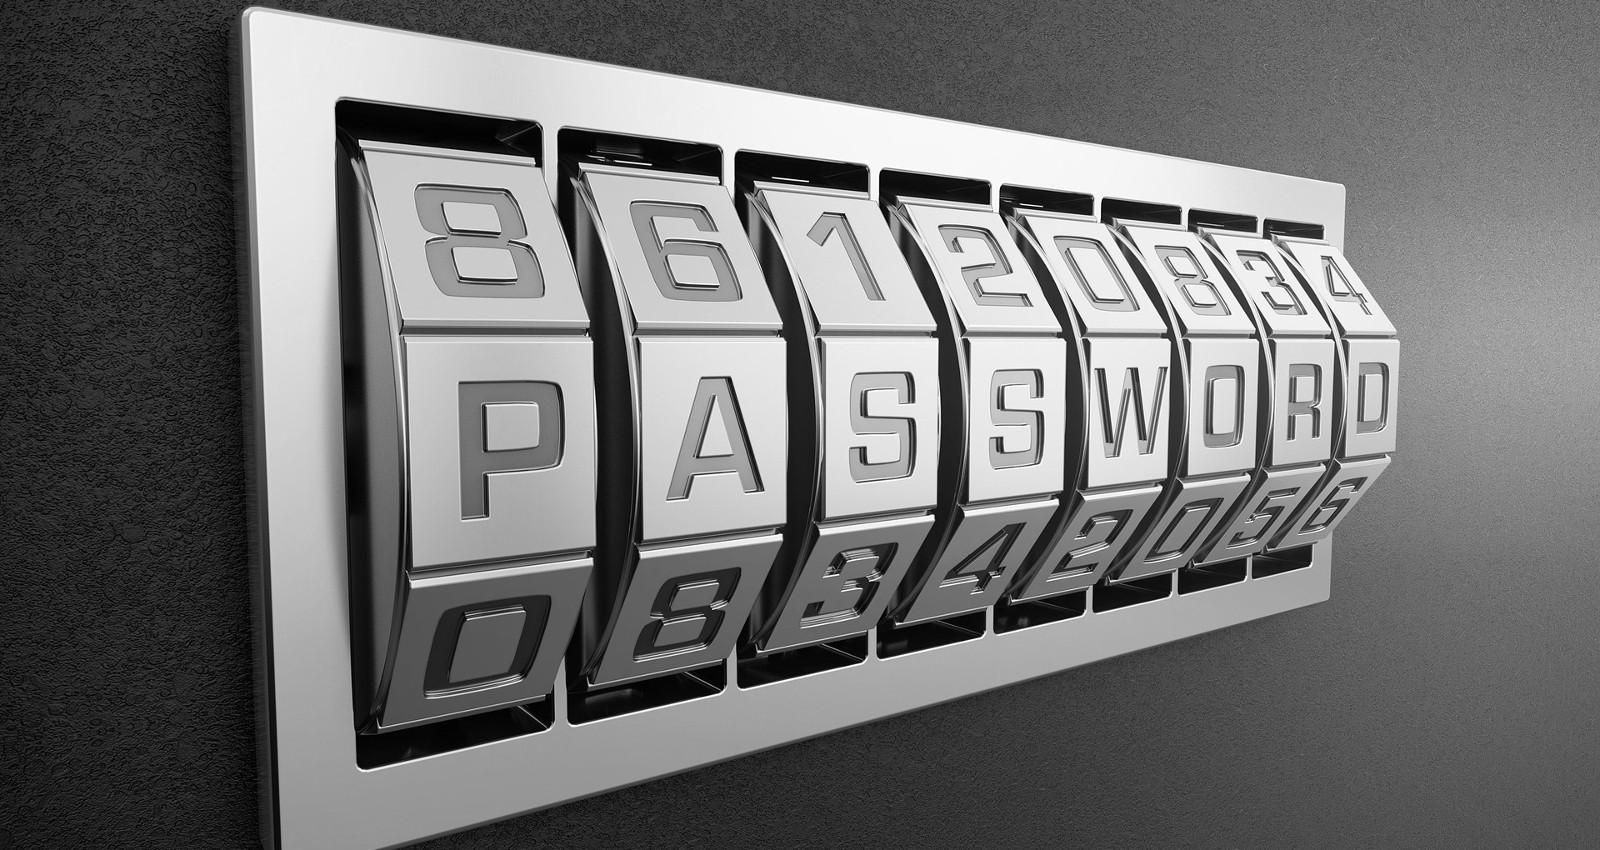 Die beliebtesten Passwörter 2019 in Deutschland